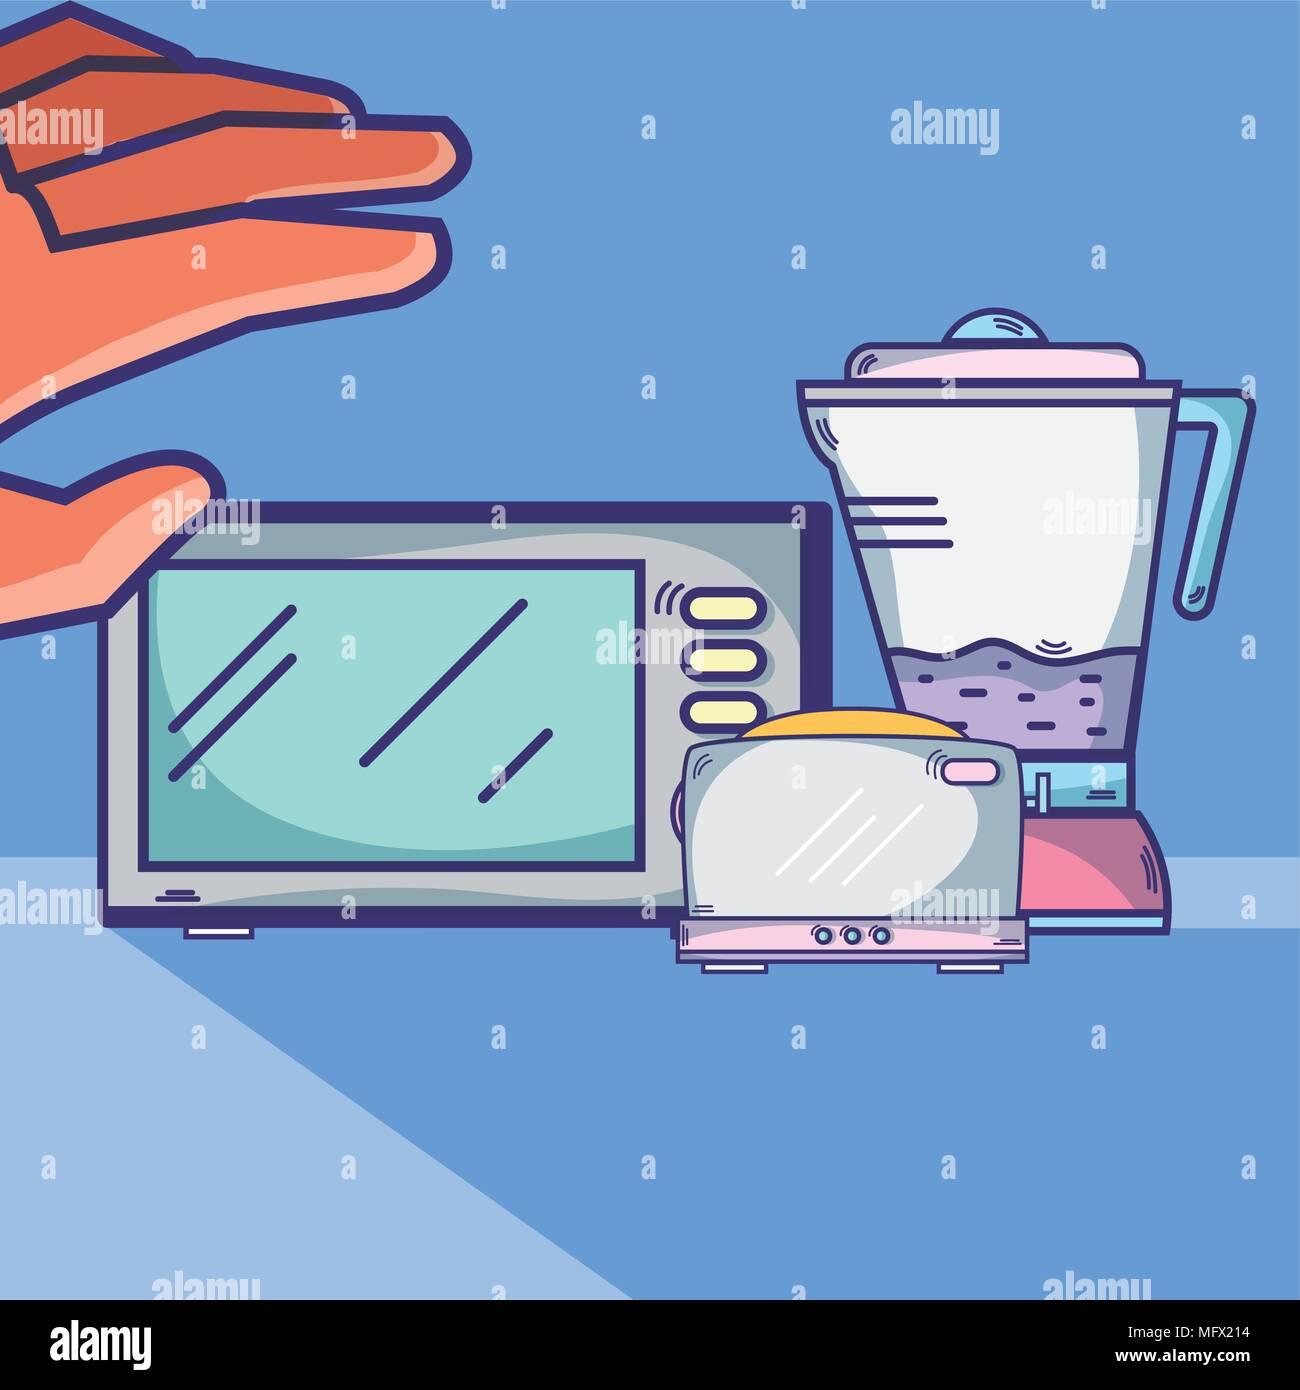 Hand grabbing kitchen utensils - Stock Vector